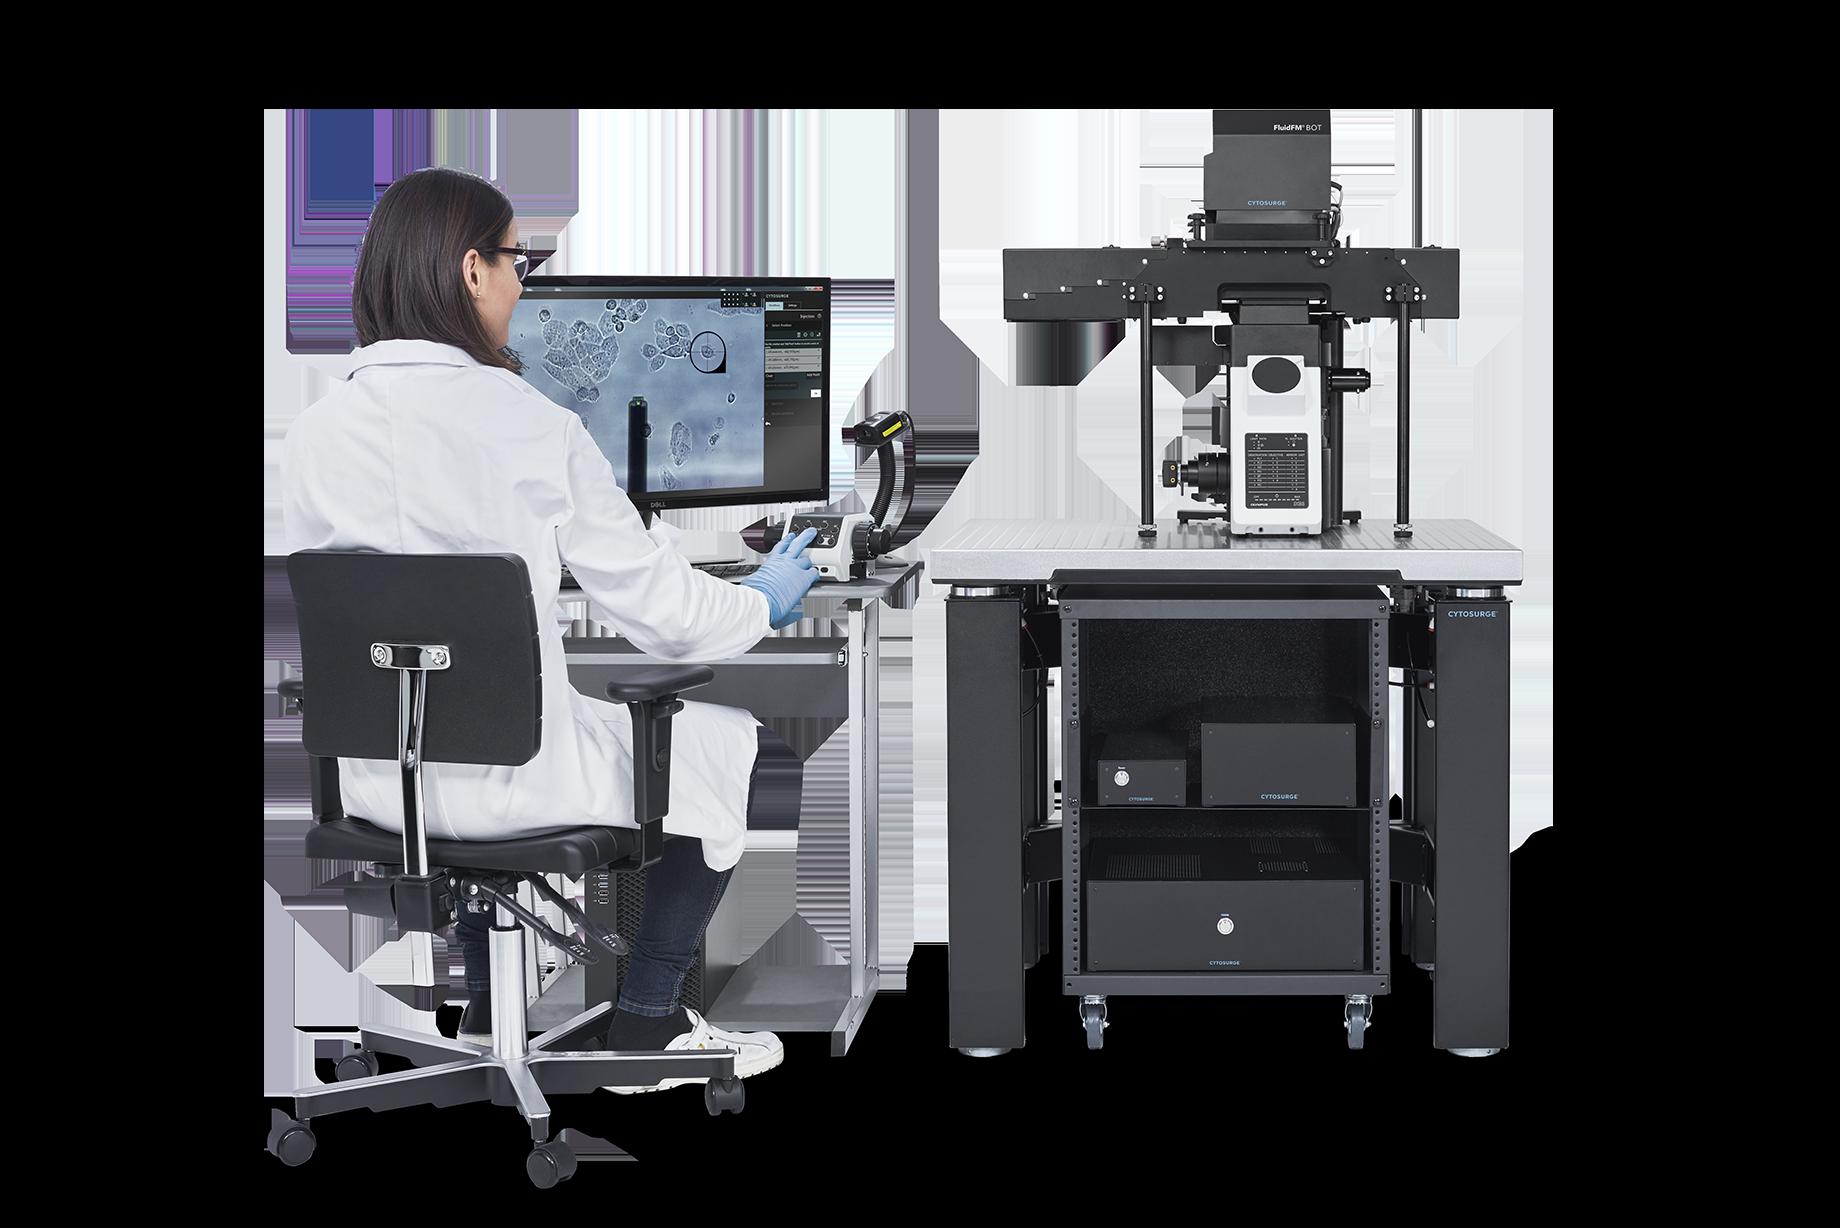 瑞士 Cytosurge 多功能单细胞显微操作系统 FluidFM BOT